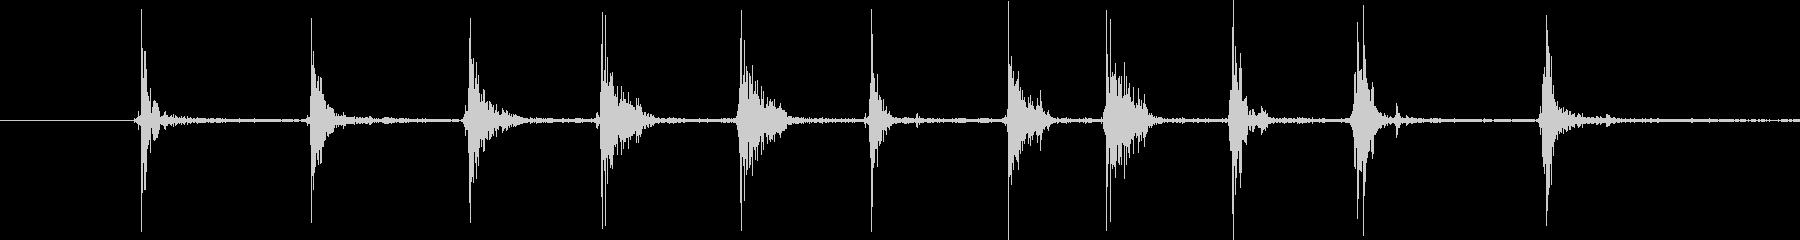 カチカチ、工具・ラチェットレンチの音の未再生の波形